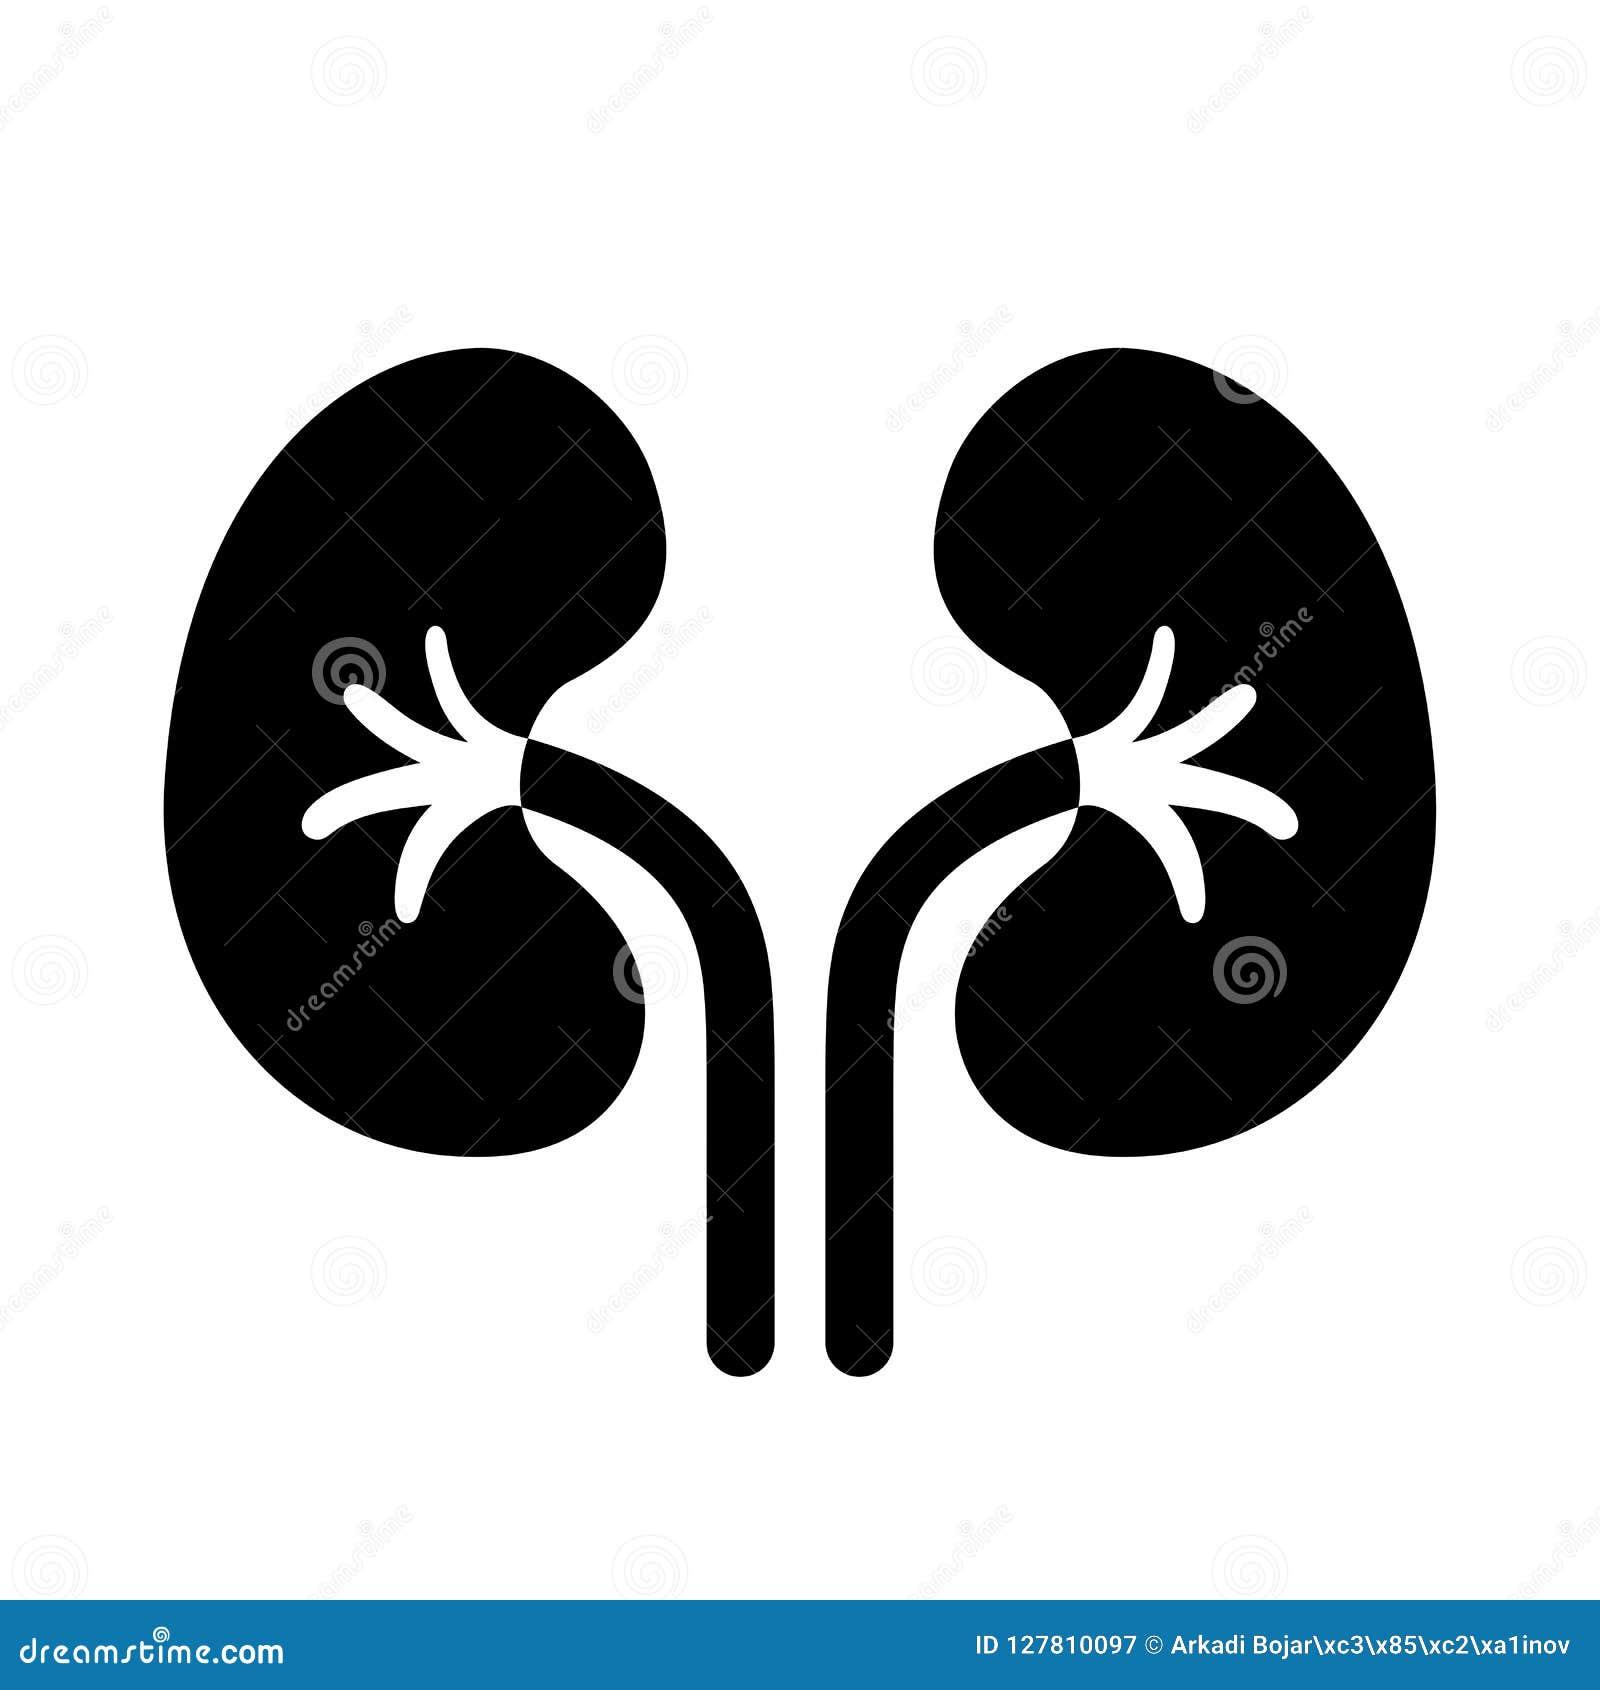 Nierenvektorpiktogramm